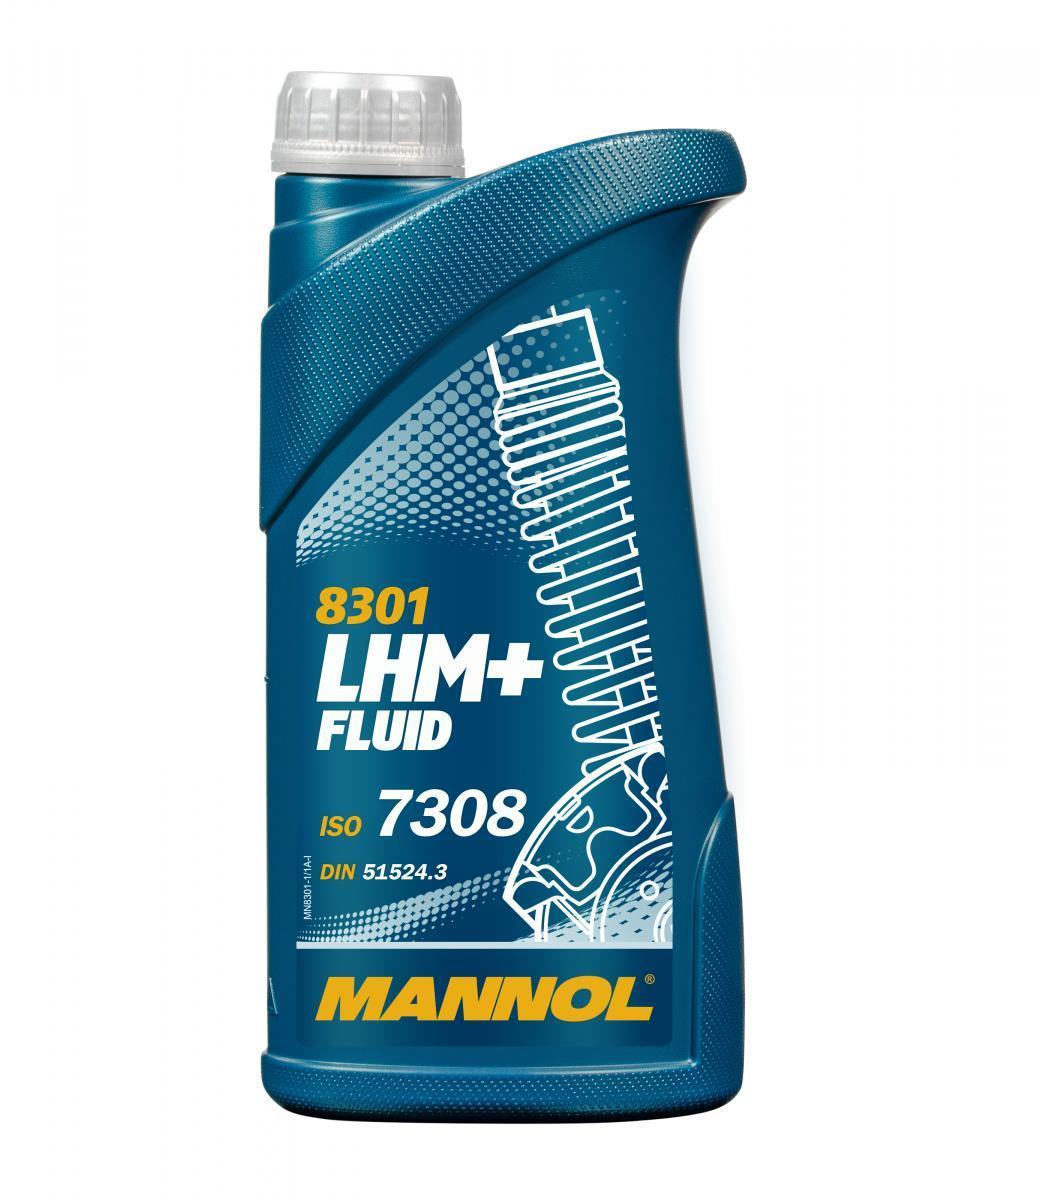 MN8301-1 MANNOL LHM+ Fluid Inhalt: 1l DIN 51524.3, ISO 7308 Hydrauliköl MN8301-1 günstig kaufen